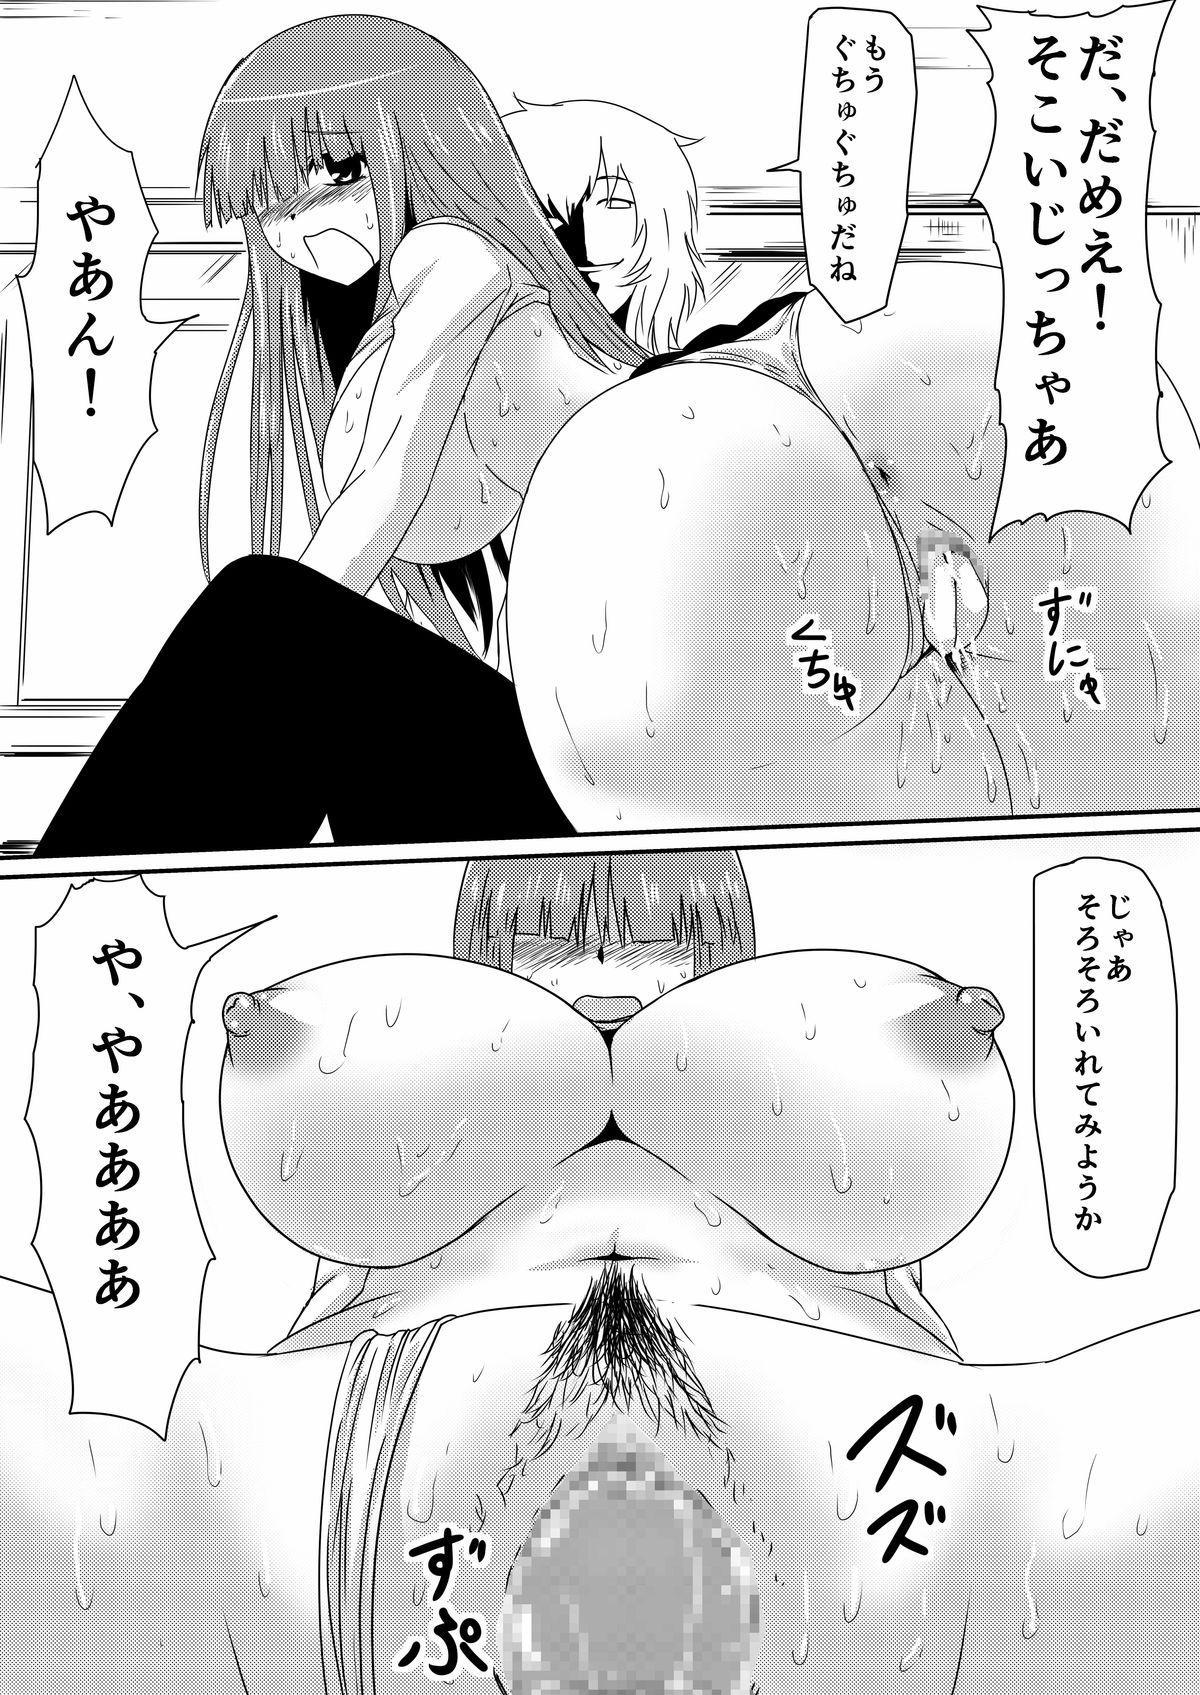 [Mikezoutei] Mashou no Chinko o Motsu Shounen ~Kare no Dankon wa Josei o Mesu e to Kaeru~ Zenpen 59